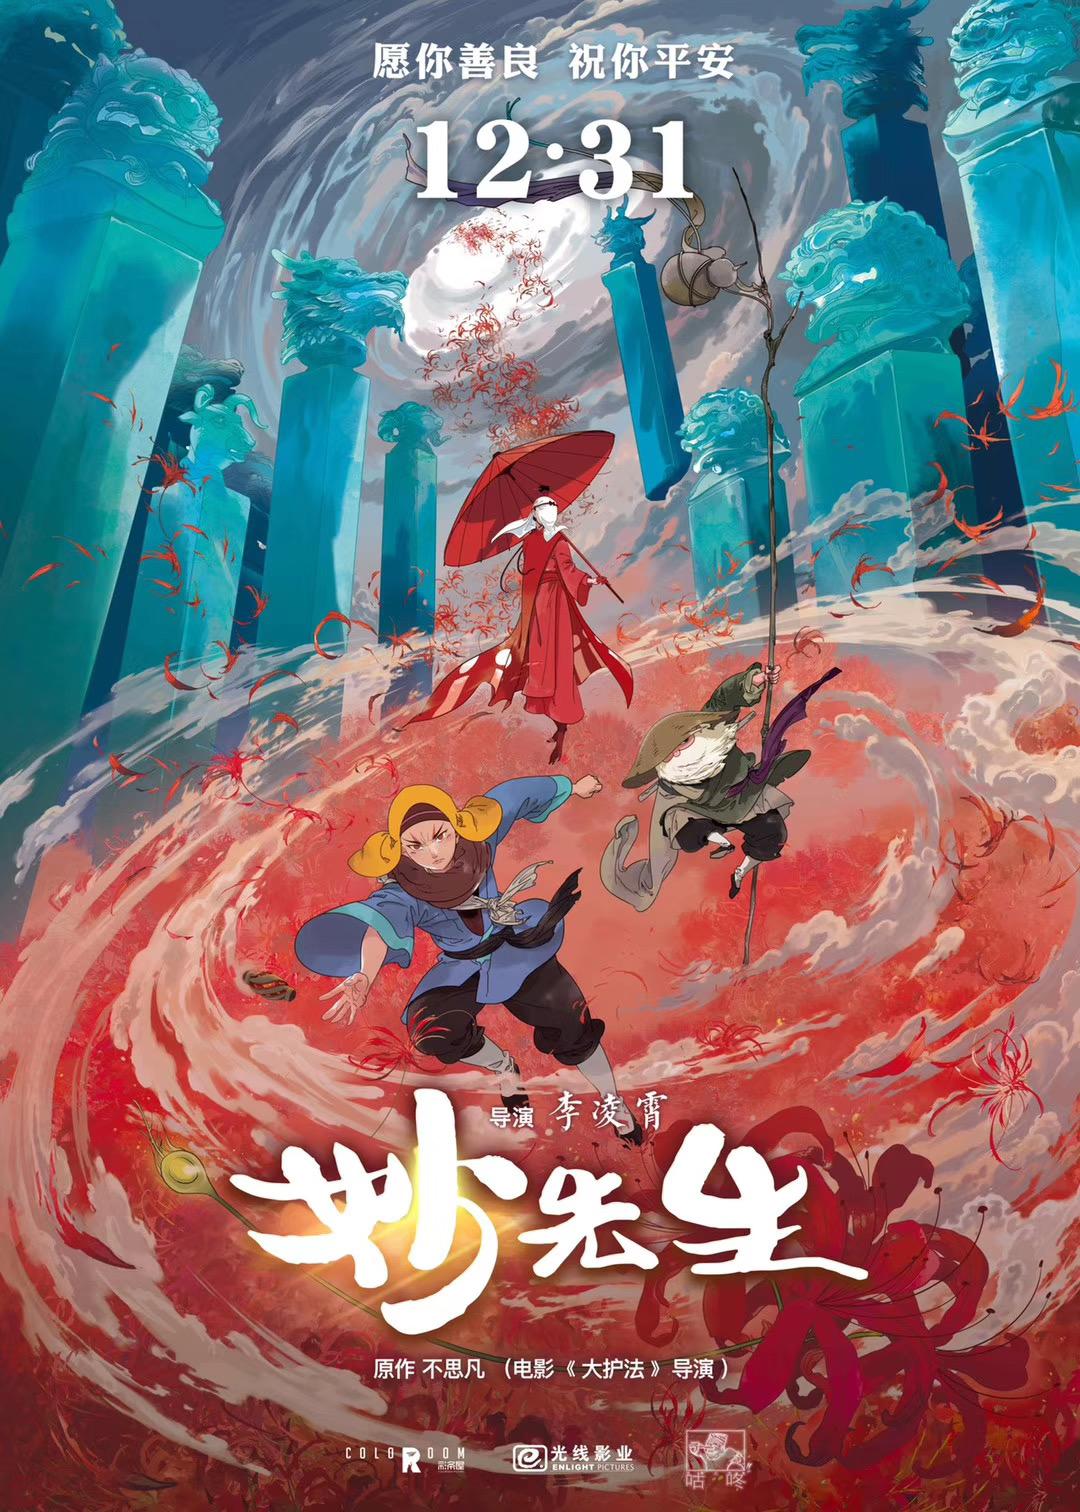 电影《妙先生》定档12月31日!改编自《大护法》导演不思凡原作